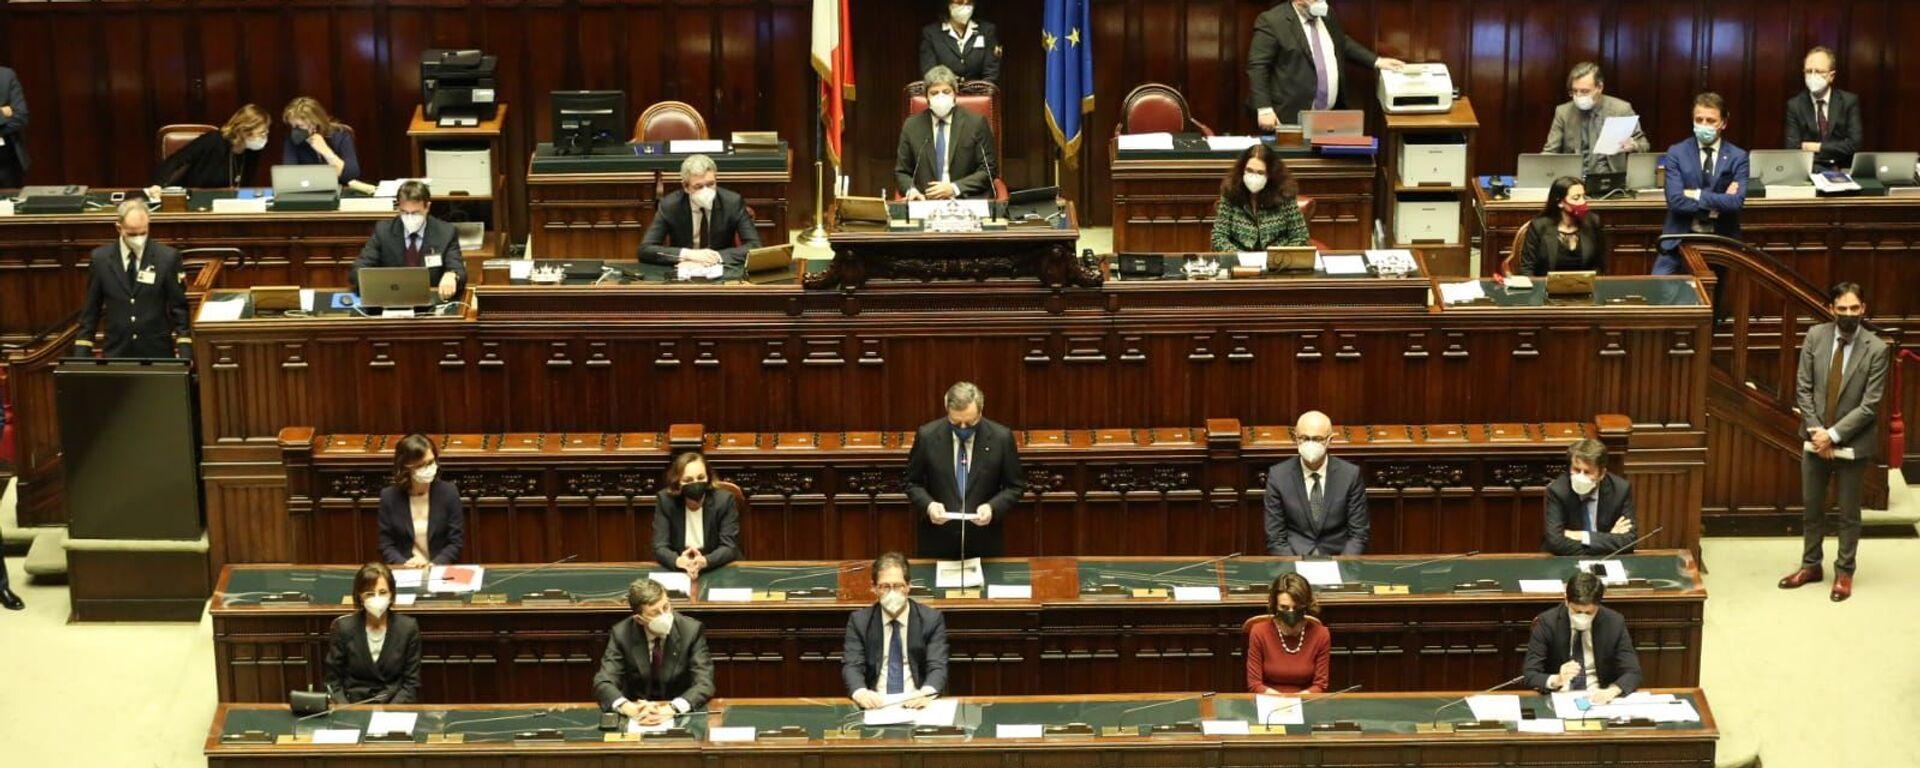 Presidente Mario Draghi durante il voto alla fiducia alla Camera dei Deputati - Sputnik Italia, 1920, 24.02.2021